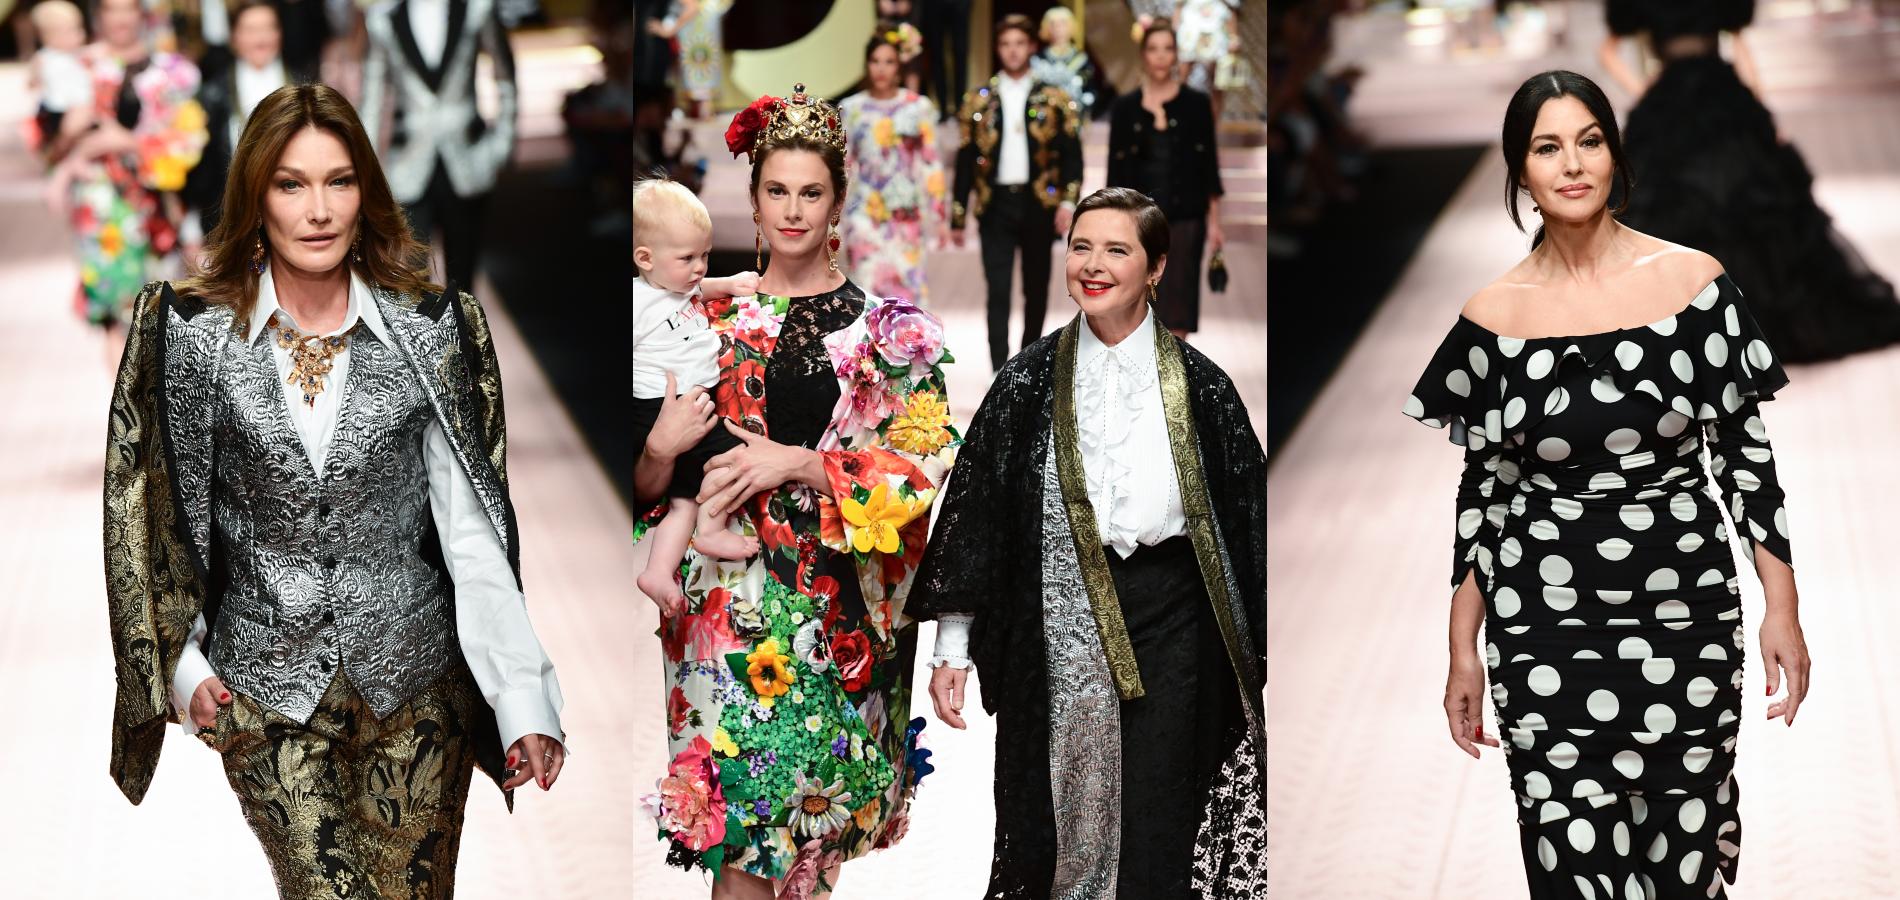 b3019dde4b Carla Bruni, Isabella Rossellini et Monica Bellucci, entres autres,  défilent pour Dolce & Gabbana à Milan. (Milan, le 23 septembre 2018.)